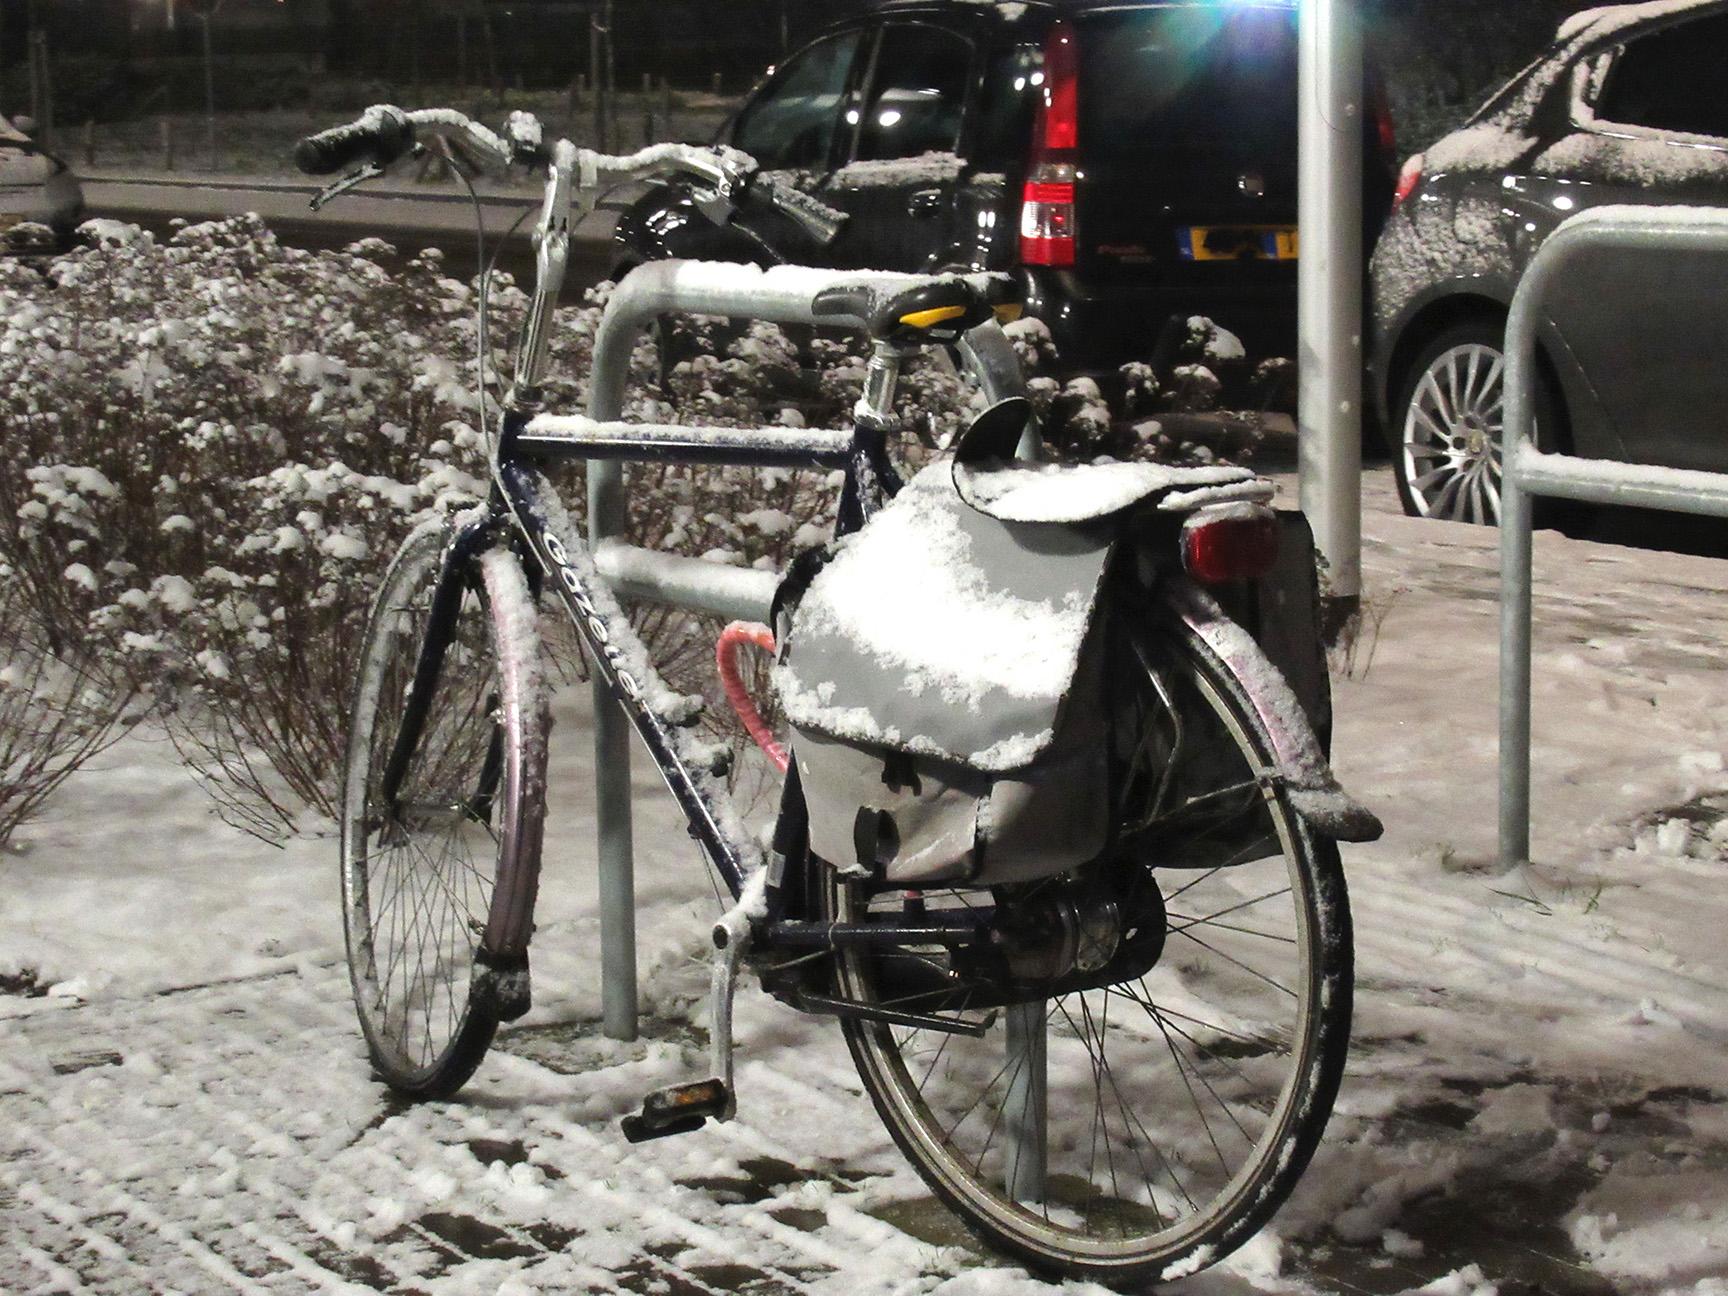 En dan staat daar een fiets... eenzaam in de sneeuw achtergebleven - Foto: ©Fransien Fraanje